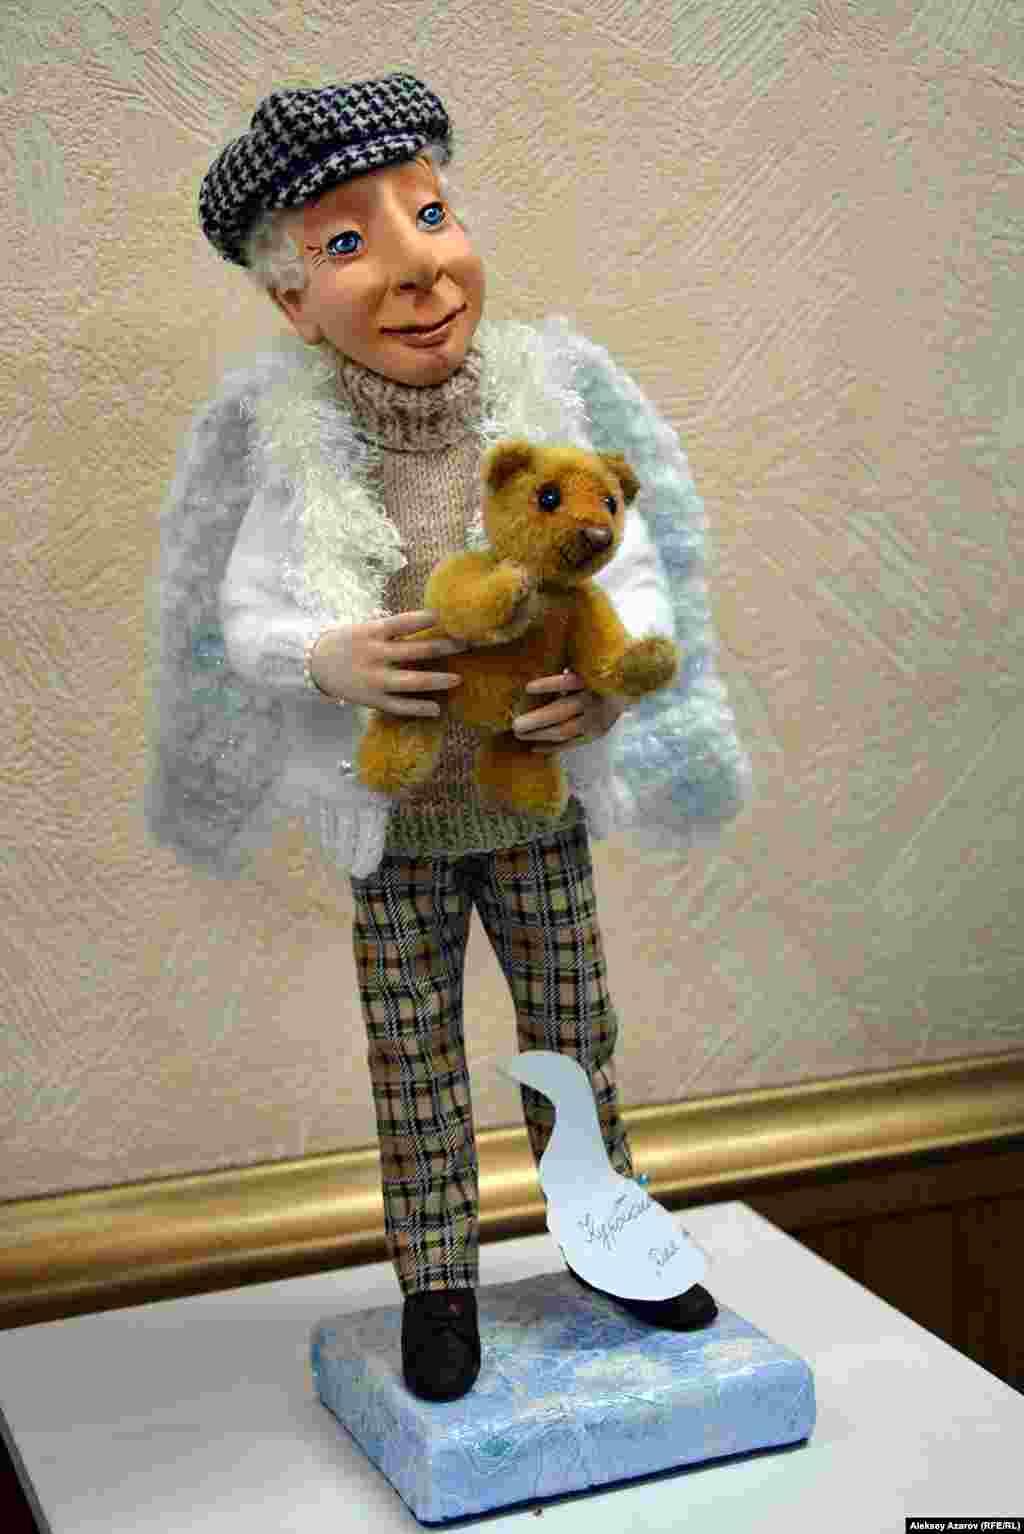 Кукла «Для тебя» Екатерины Курочкиной, отмеченная первым местом.